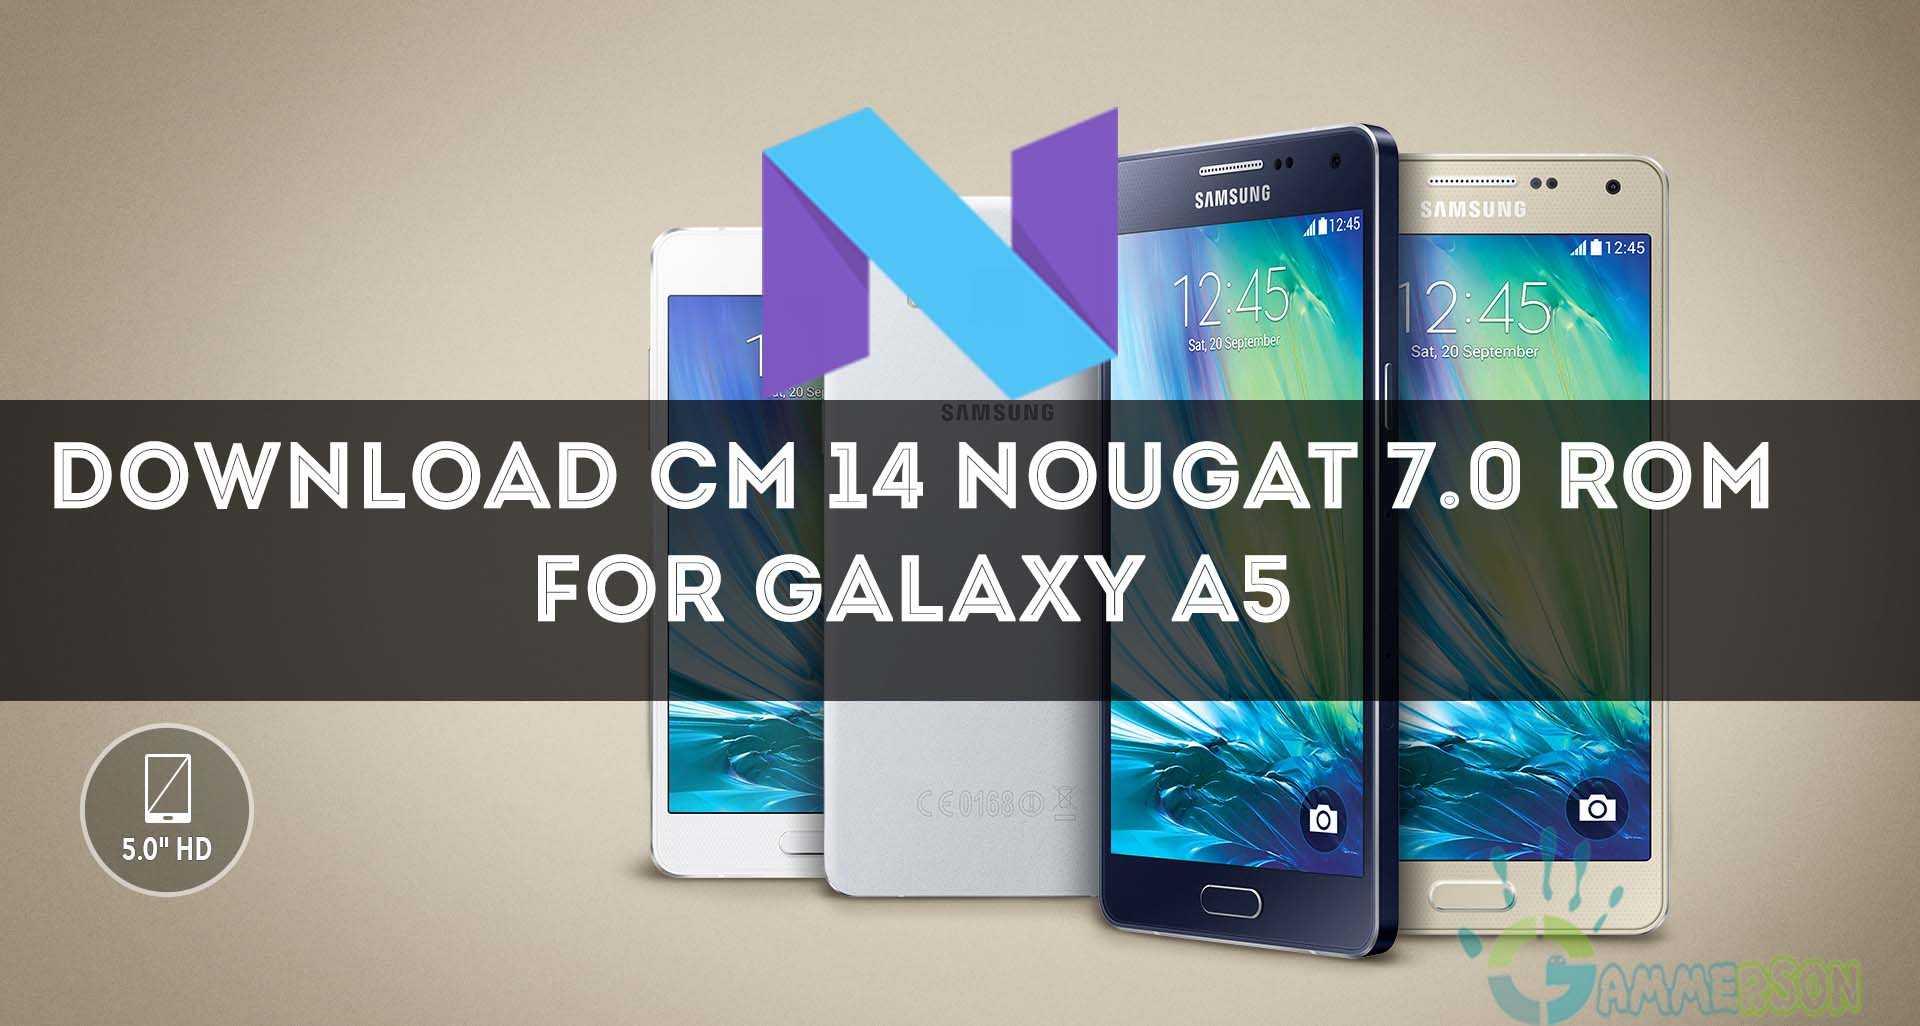 cm14-galaxy-a5-nougat-samsung